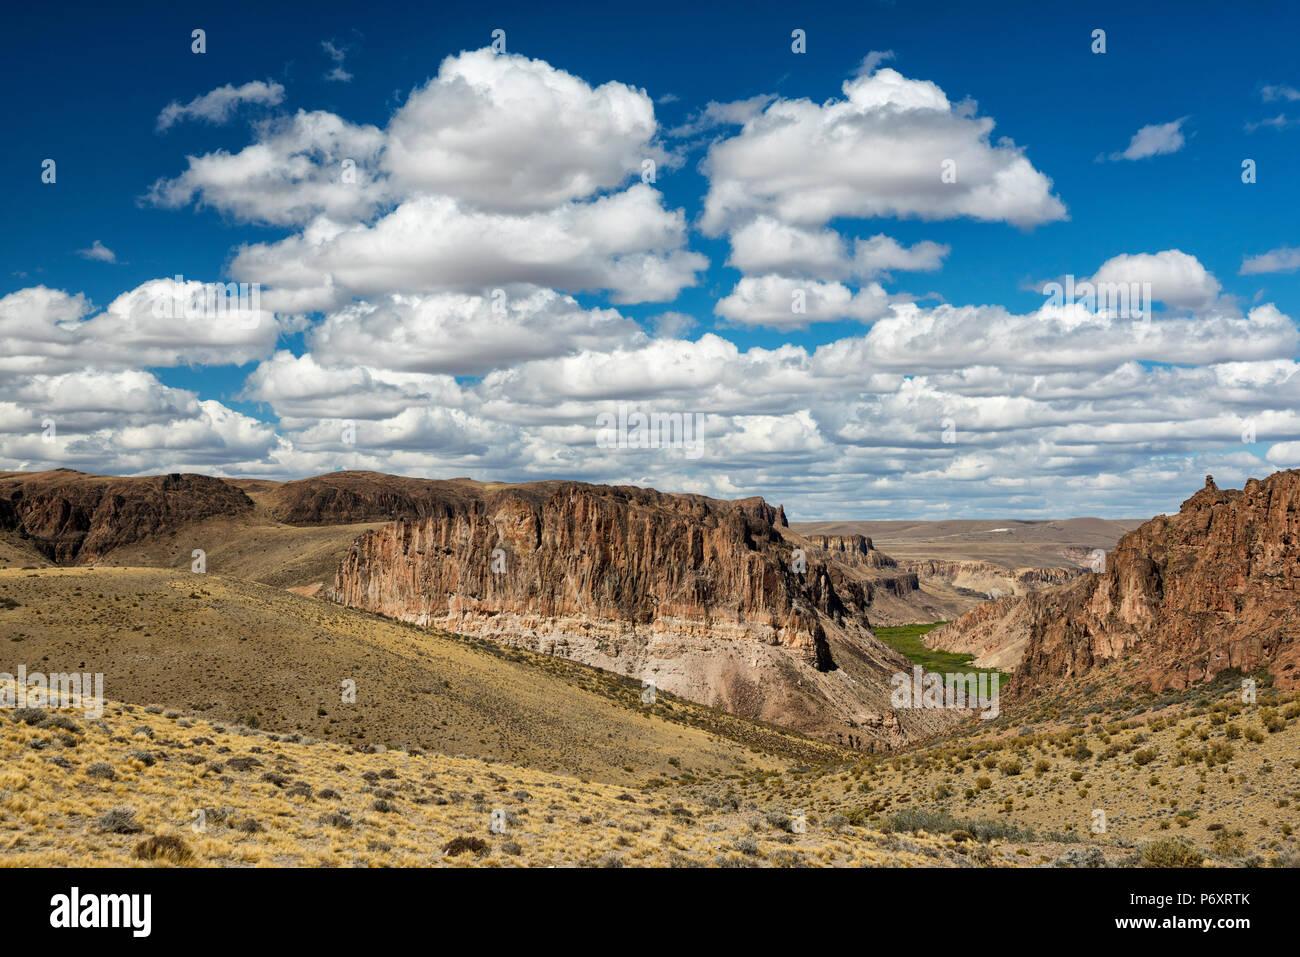 South America, Argentina, Santa Cruz, Patagonia, Cueva de los Manos landscape - Stock Image